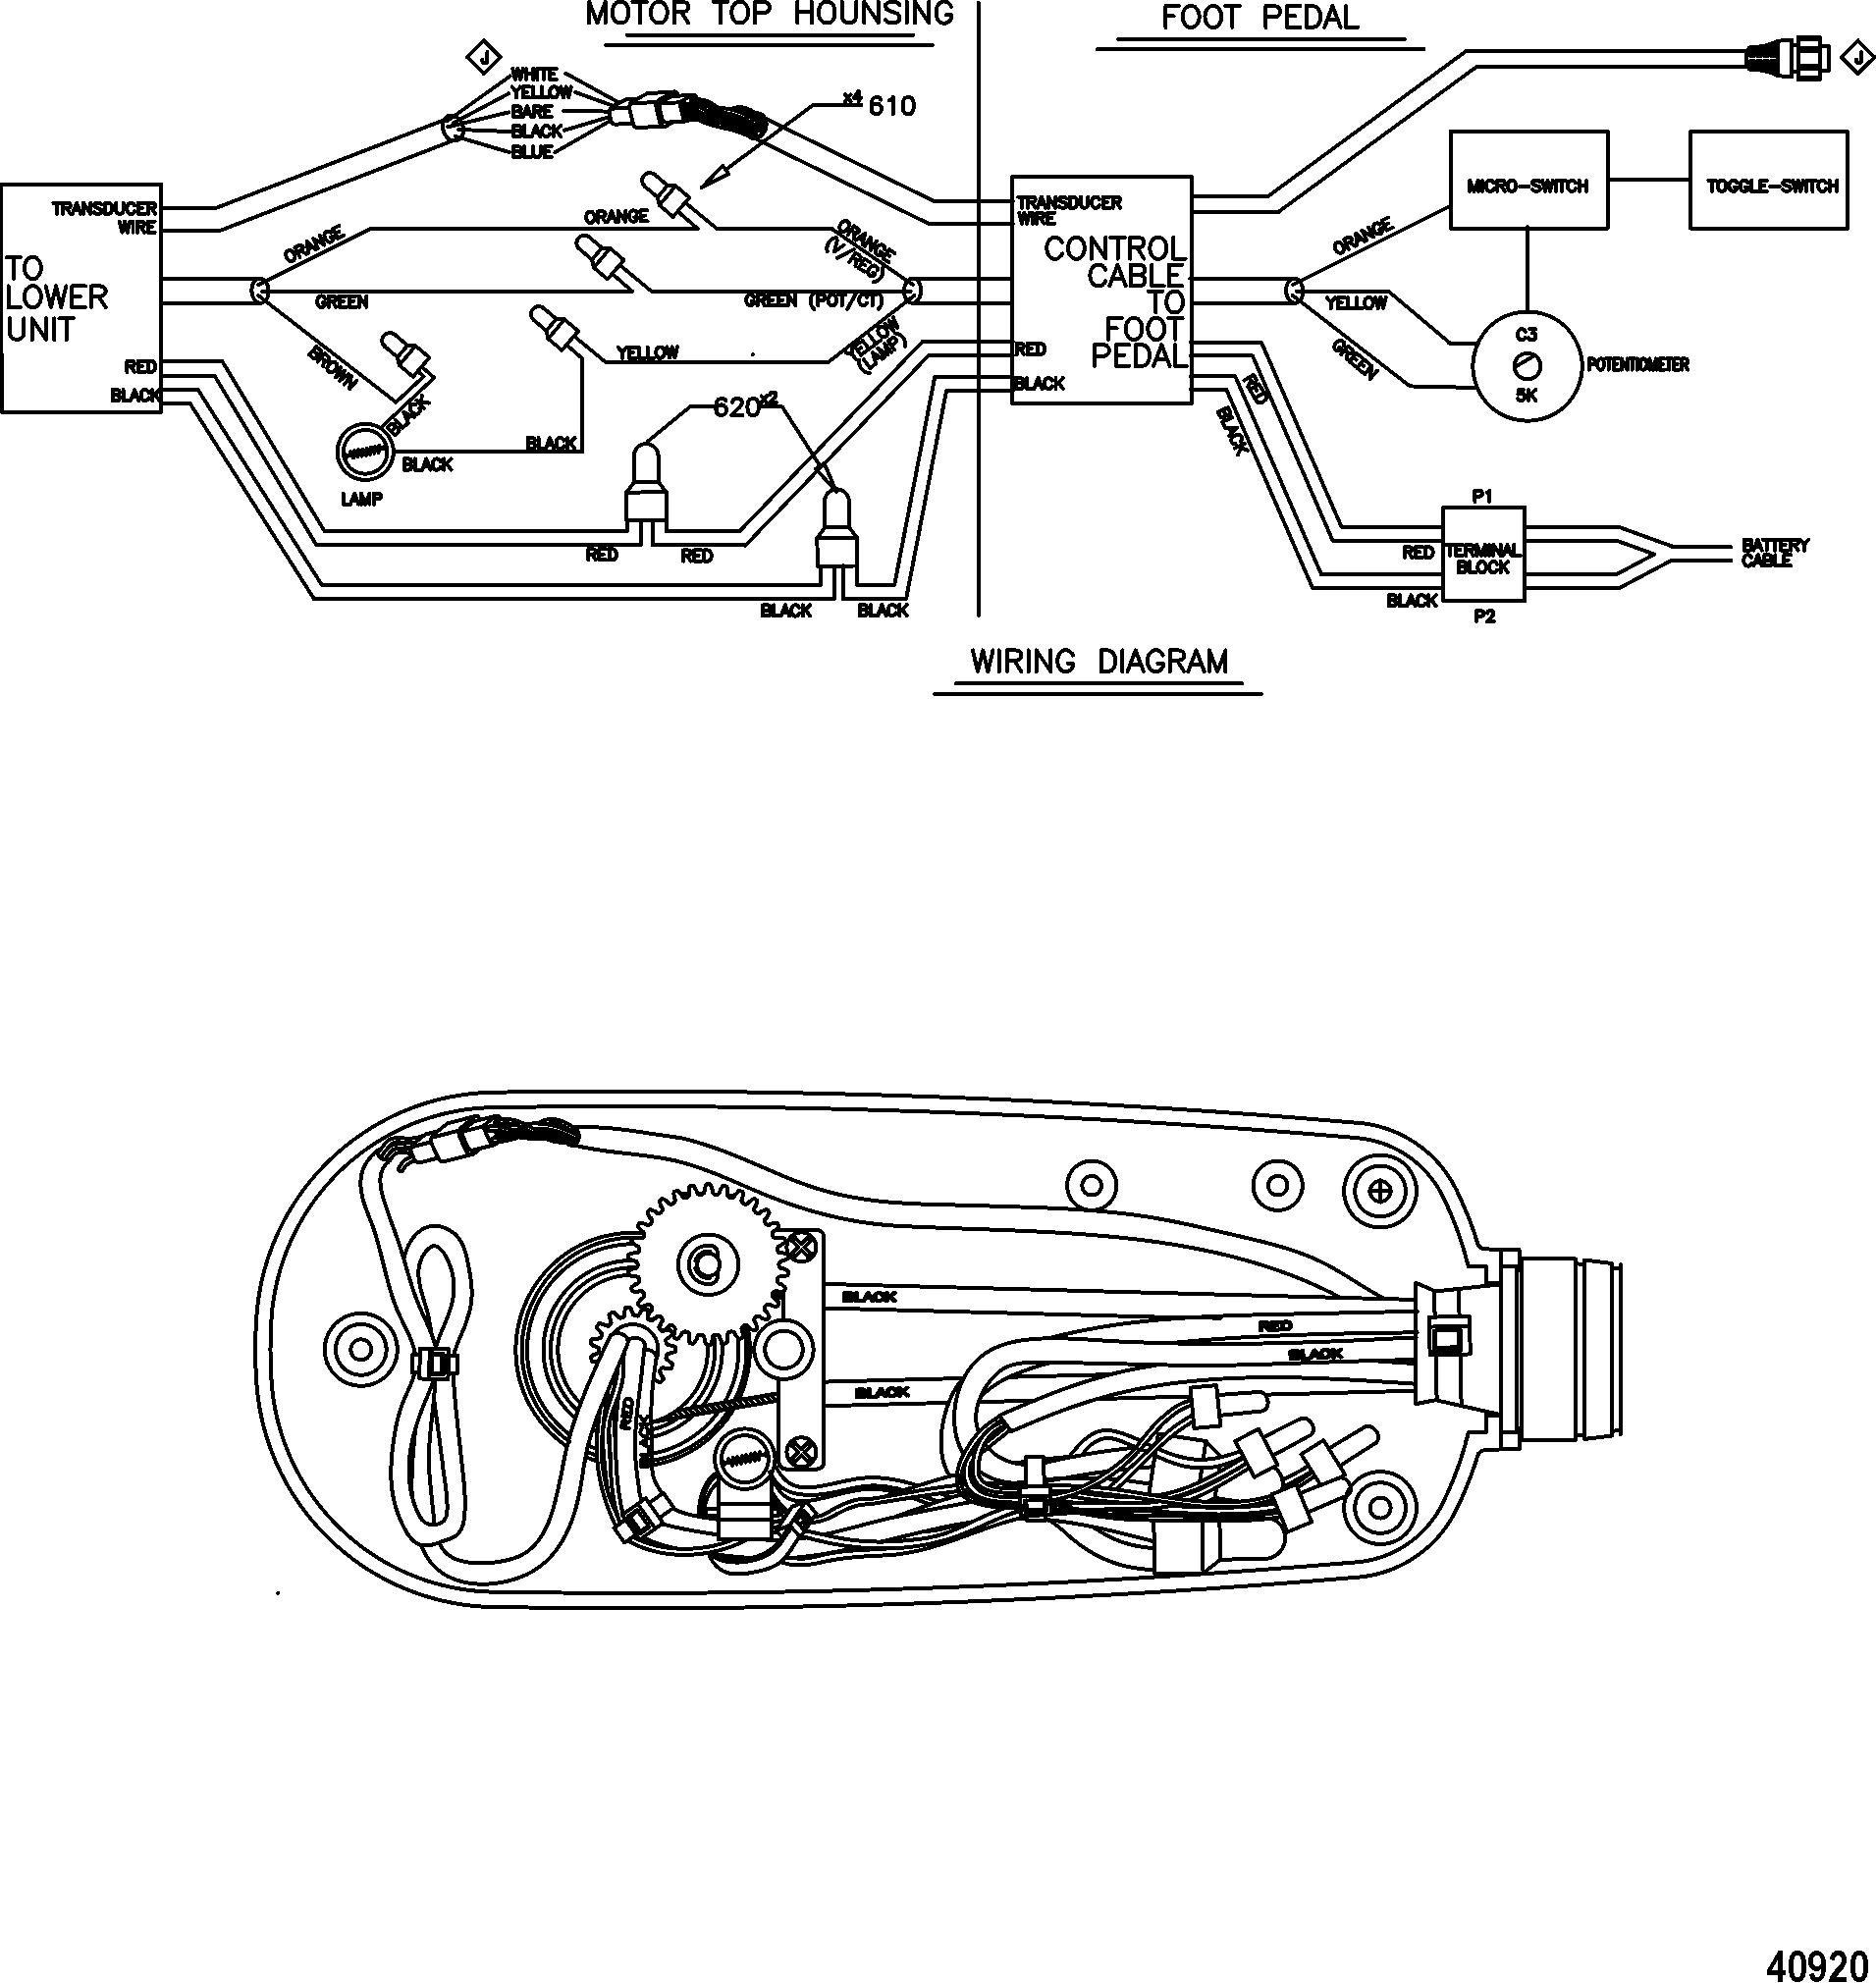 hight resolution of 24 volt wiring diagram crane